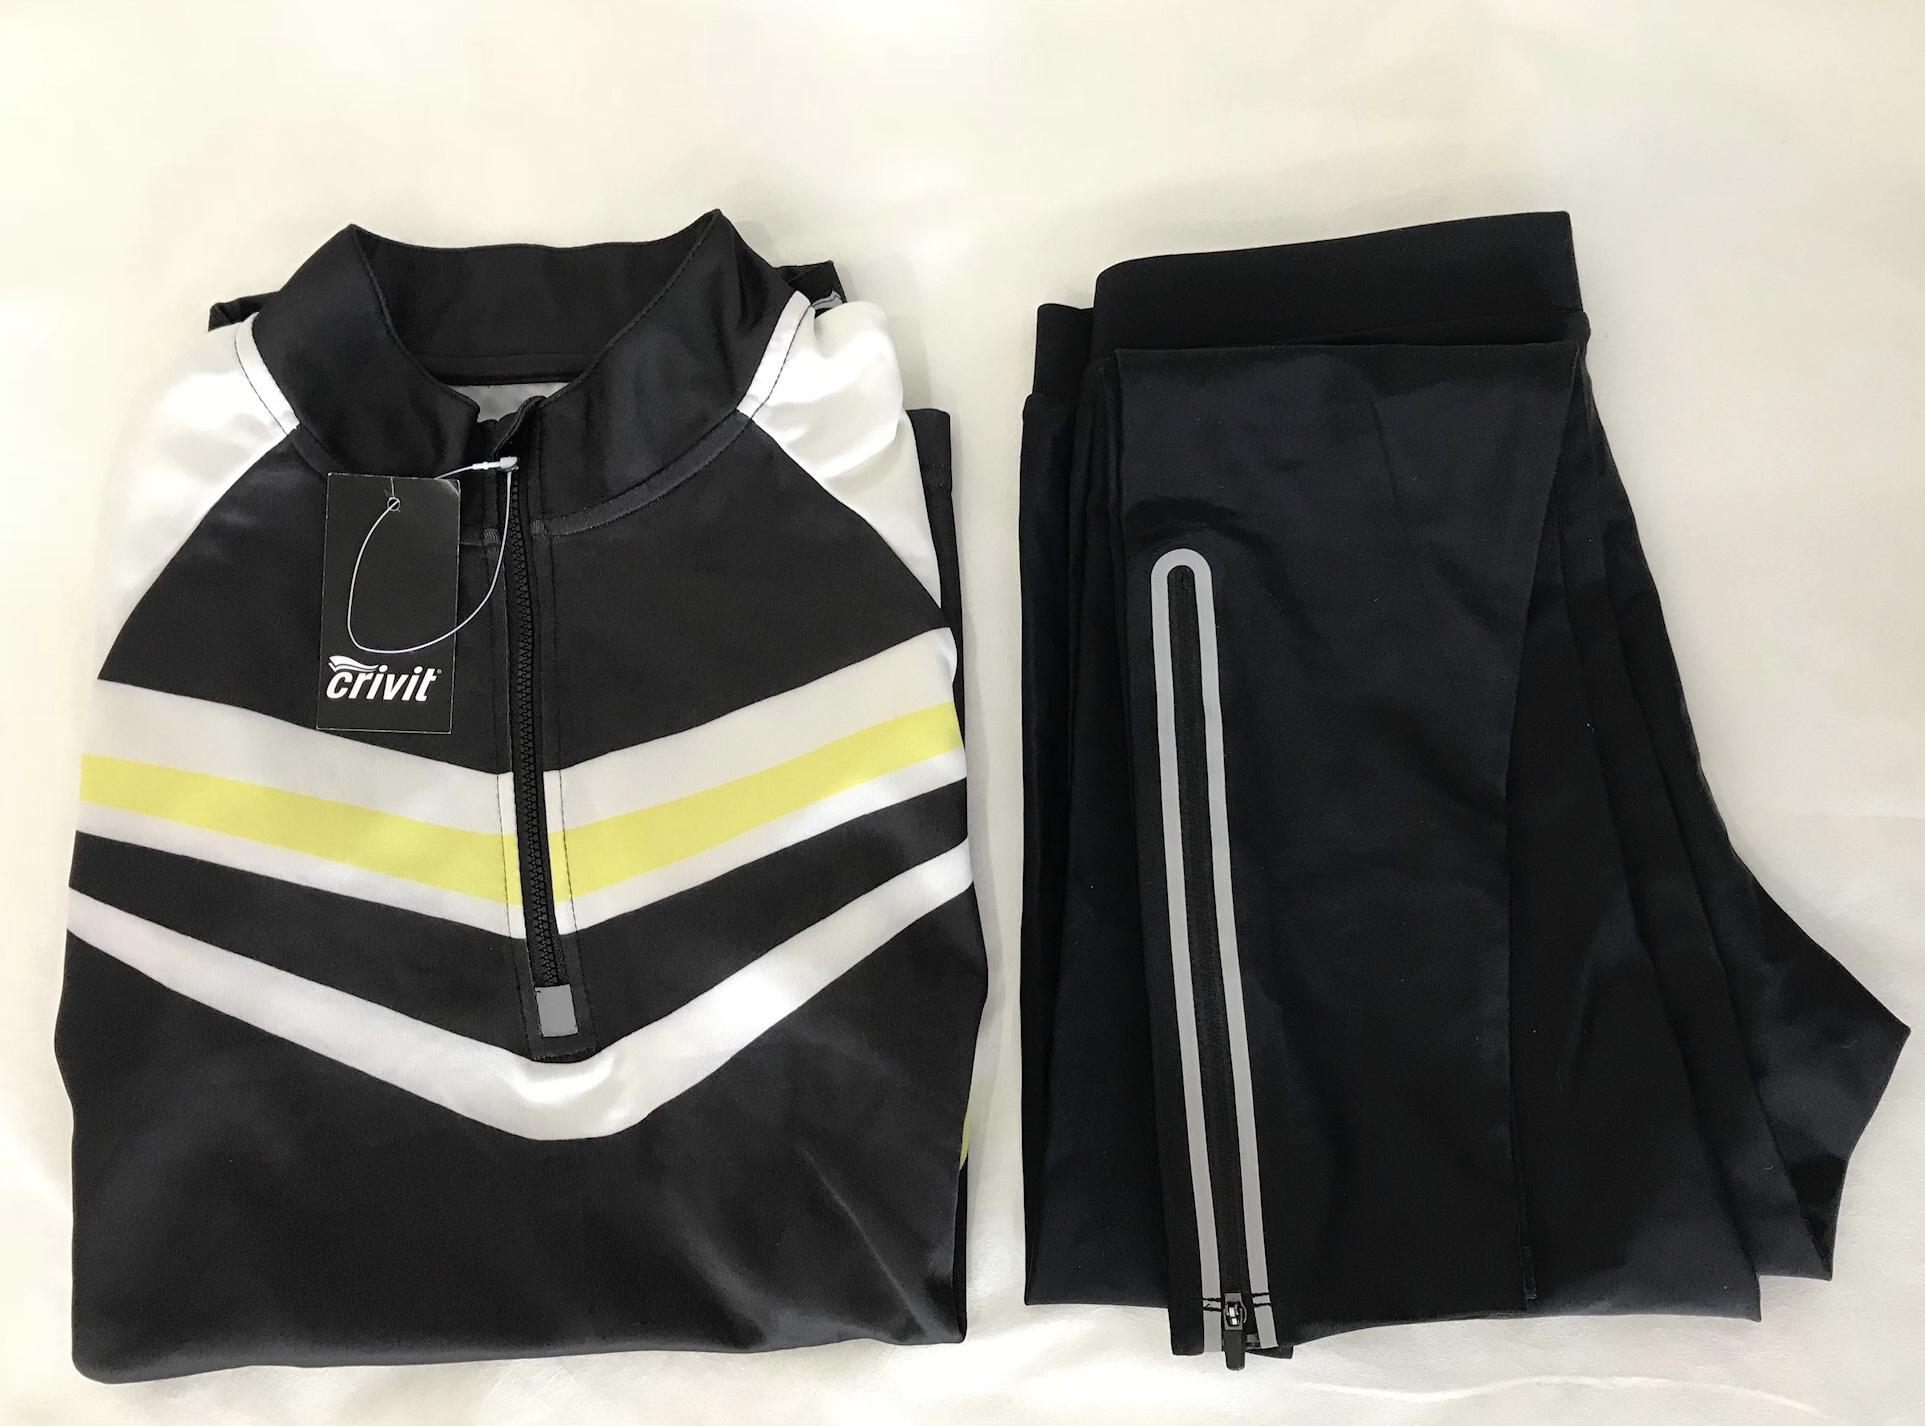 Микс спортивной одежды из Европы.http://lvivopt.com.ua/